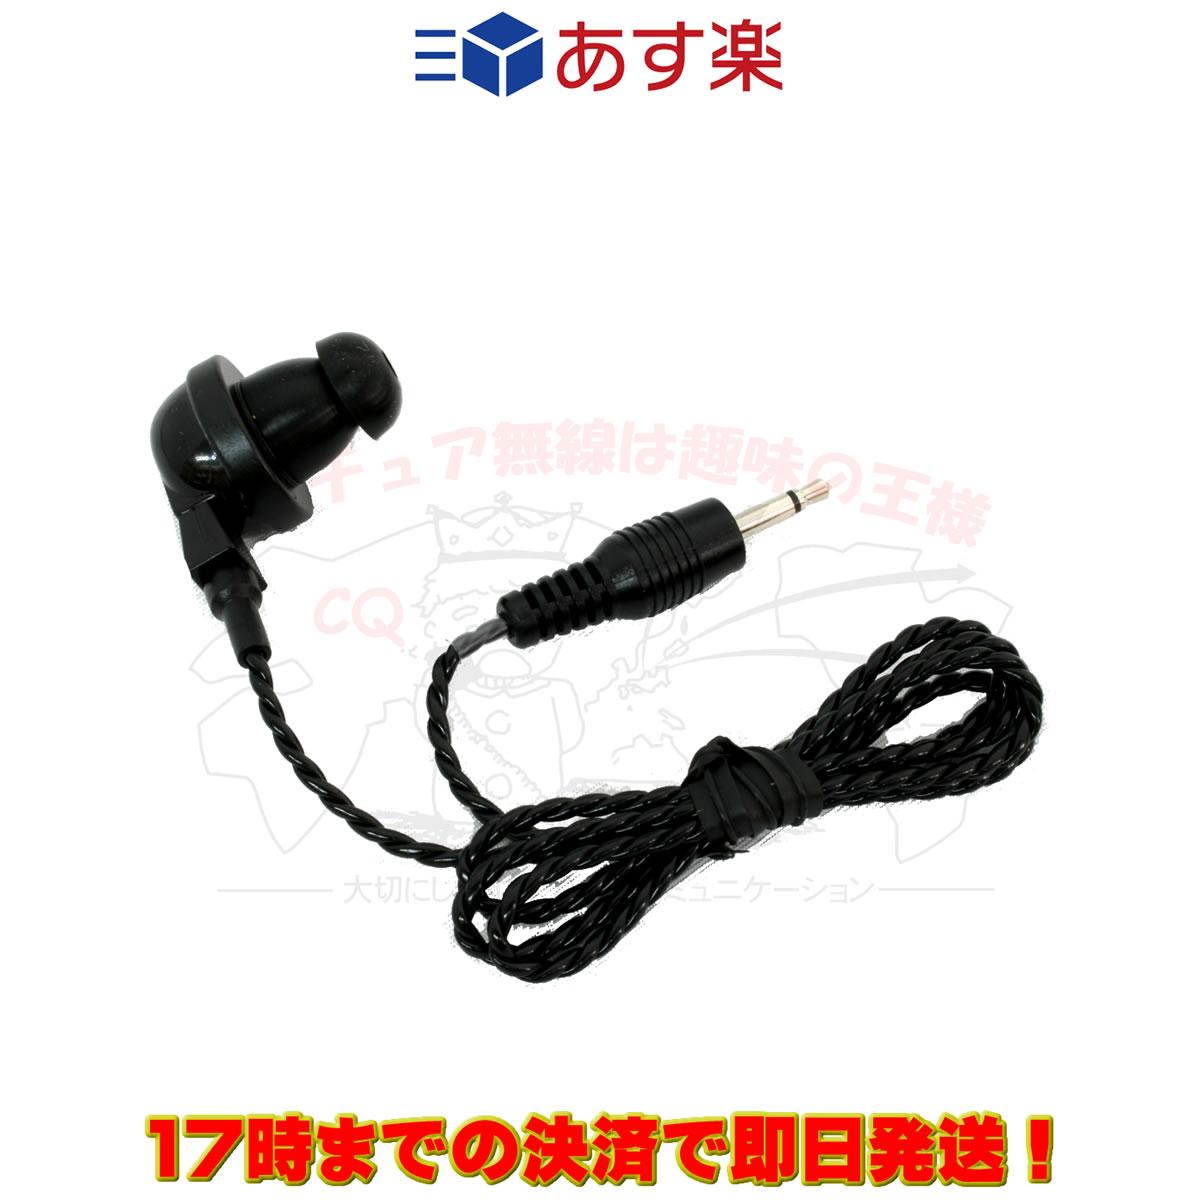 【ラッキーシール対応】 EZ0022 アルインコ EME-21AB用付属品(黒)